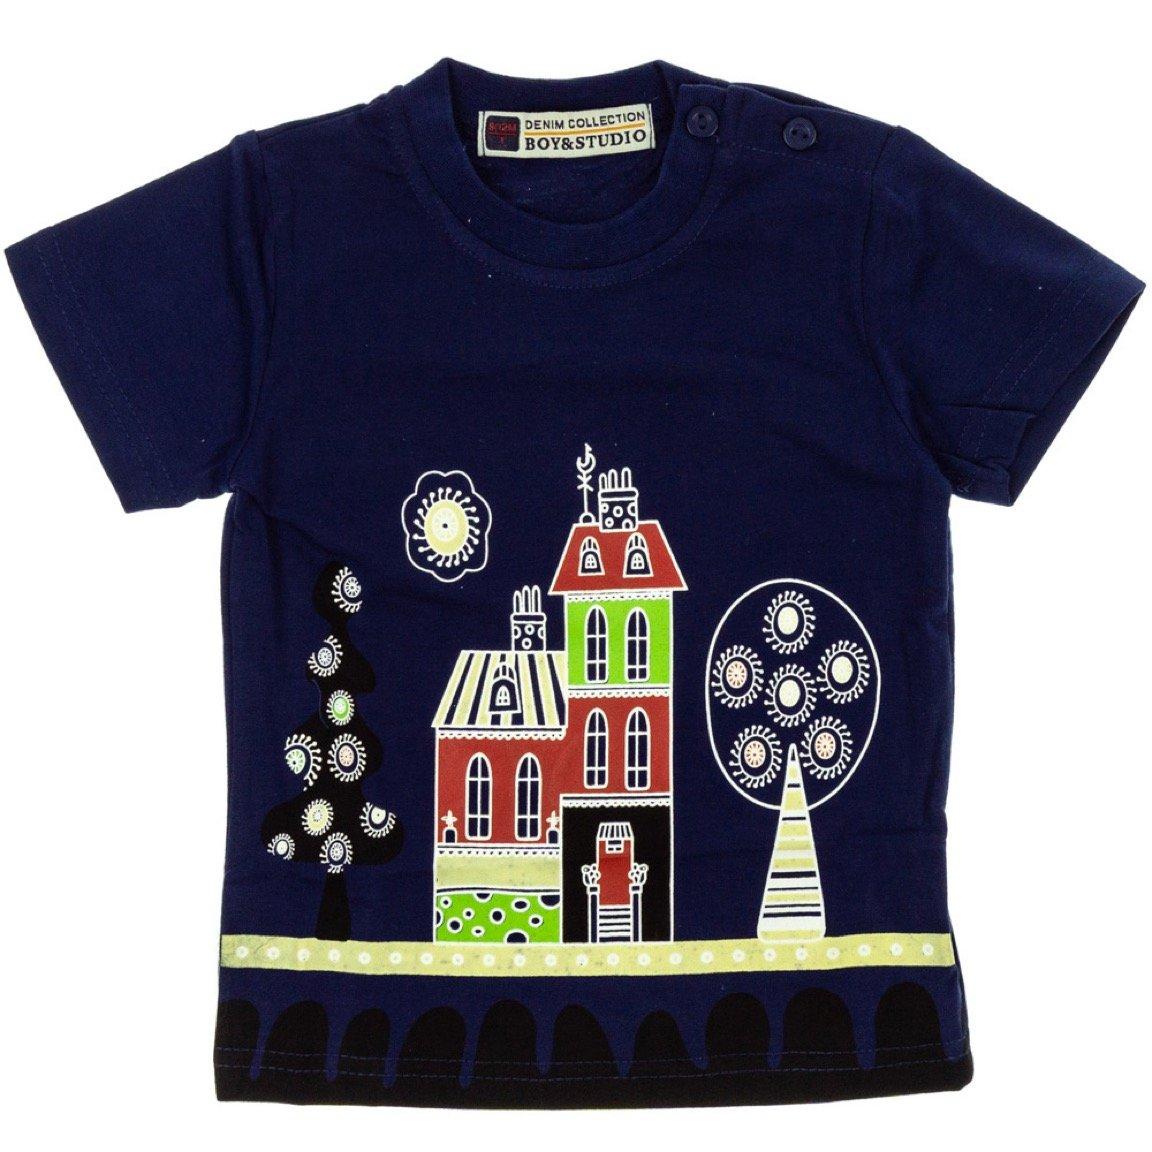 Boy & Studio παιδική μπλούζα «Blue City»